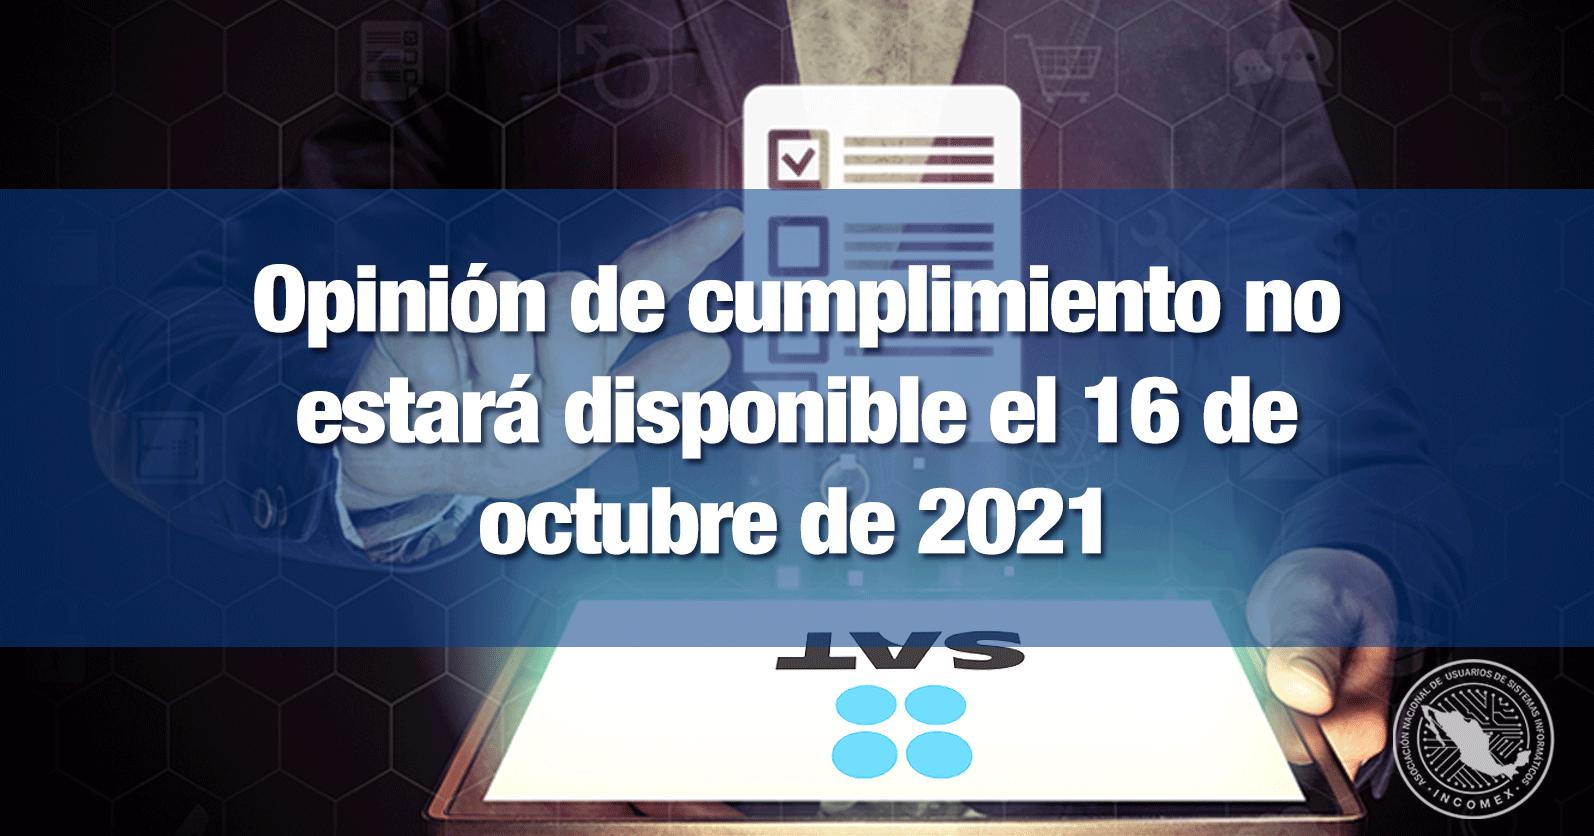 Opinión de cumplimiento no estará disponible el 16 de octubre de 2021